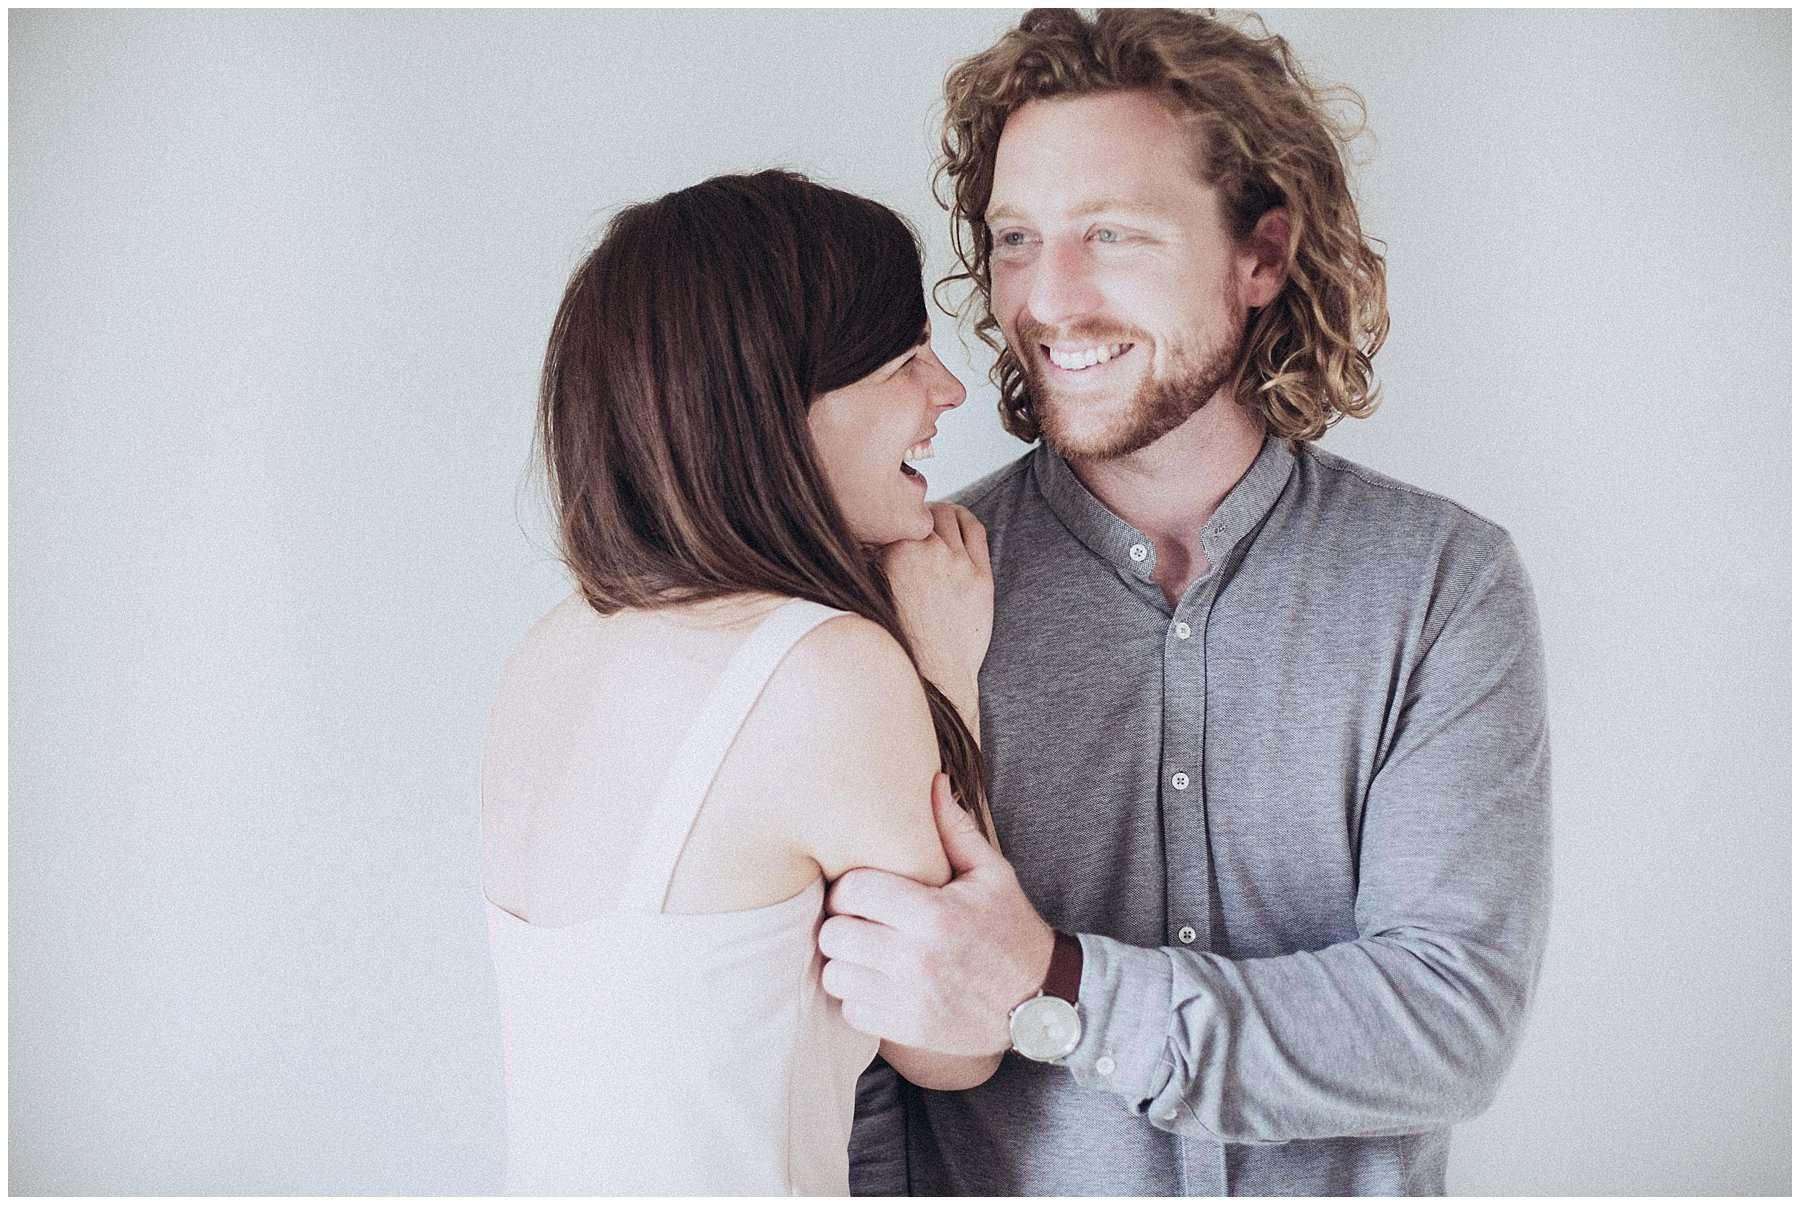 Chad and Meg Gleason of Moglea